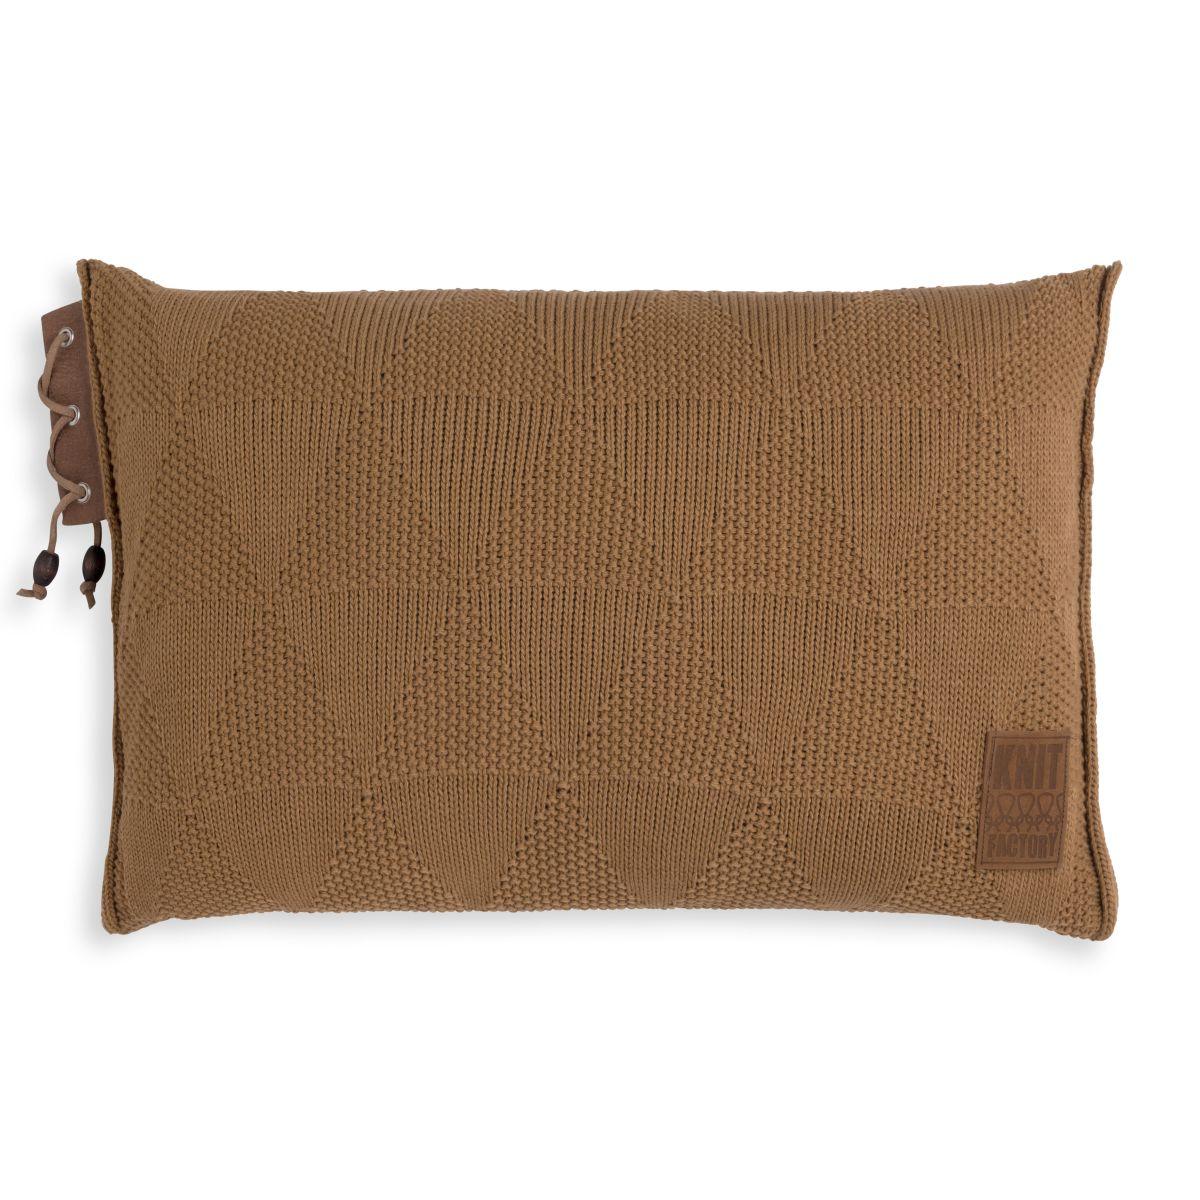 jay cushion new camel 60x40